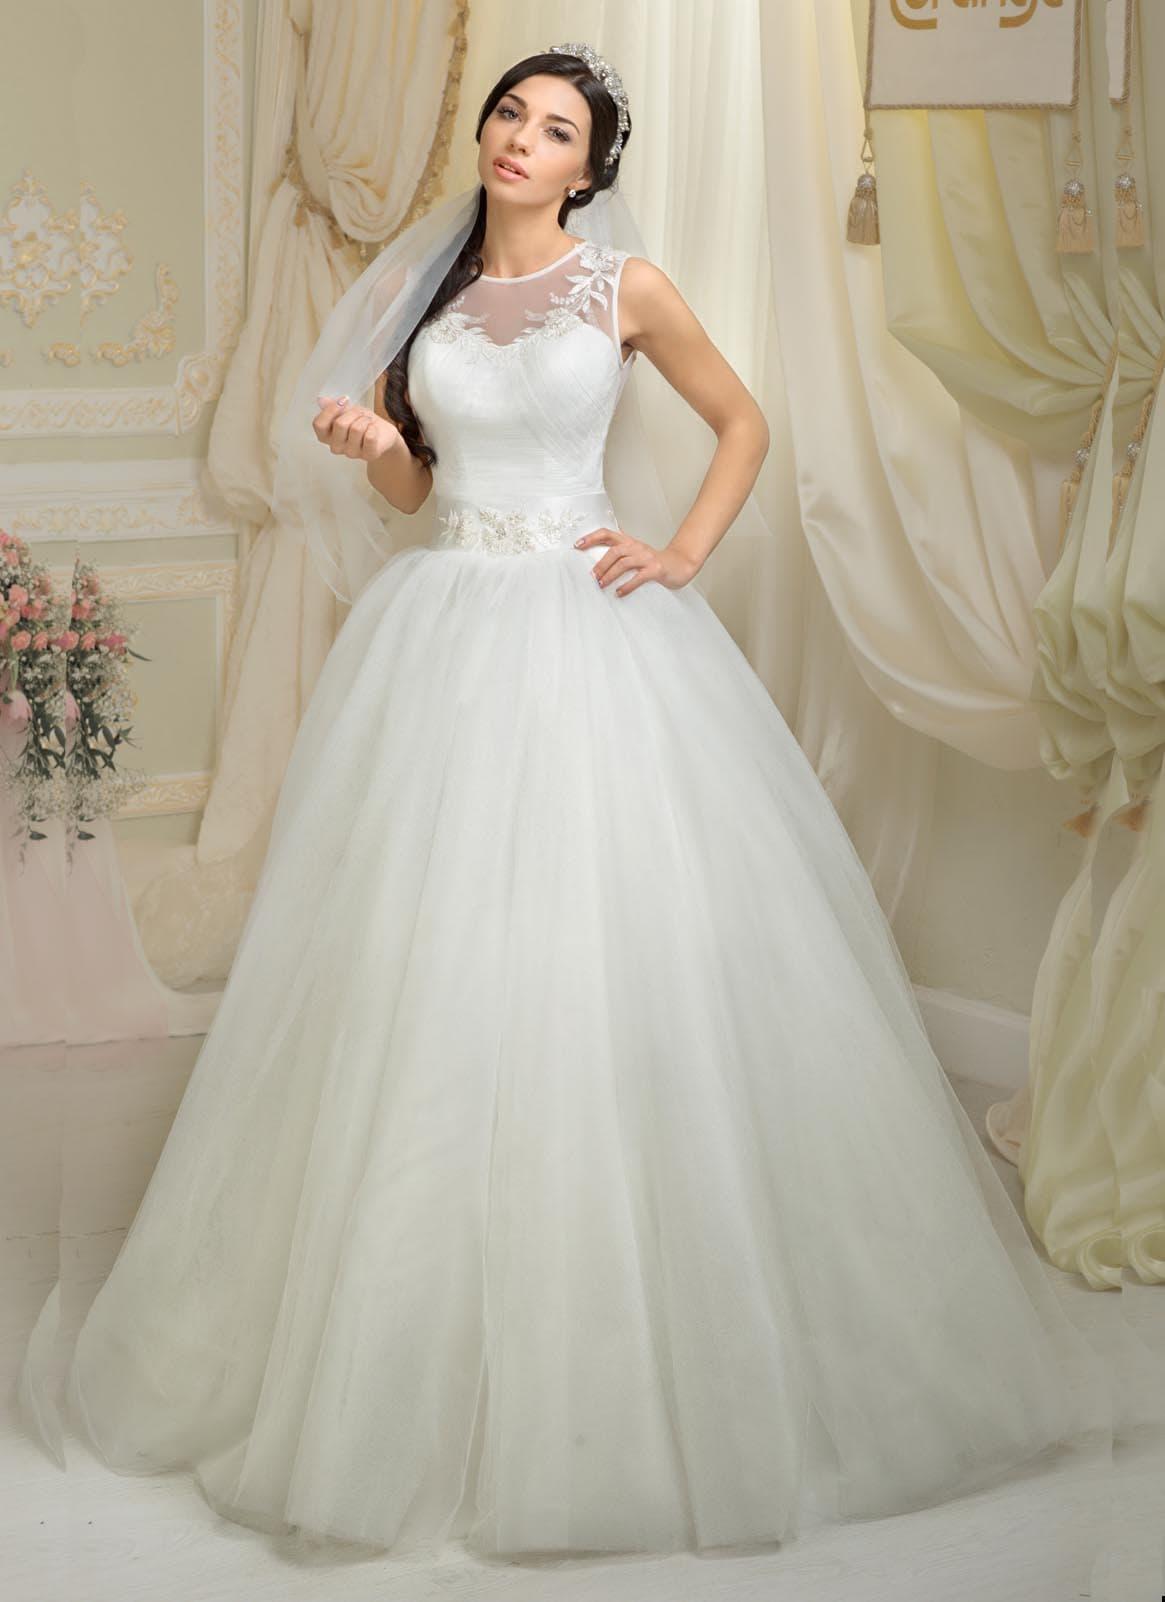 Свадебное платье Lorange Нелли | Свадебный салон Валенсия